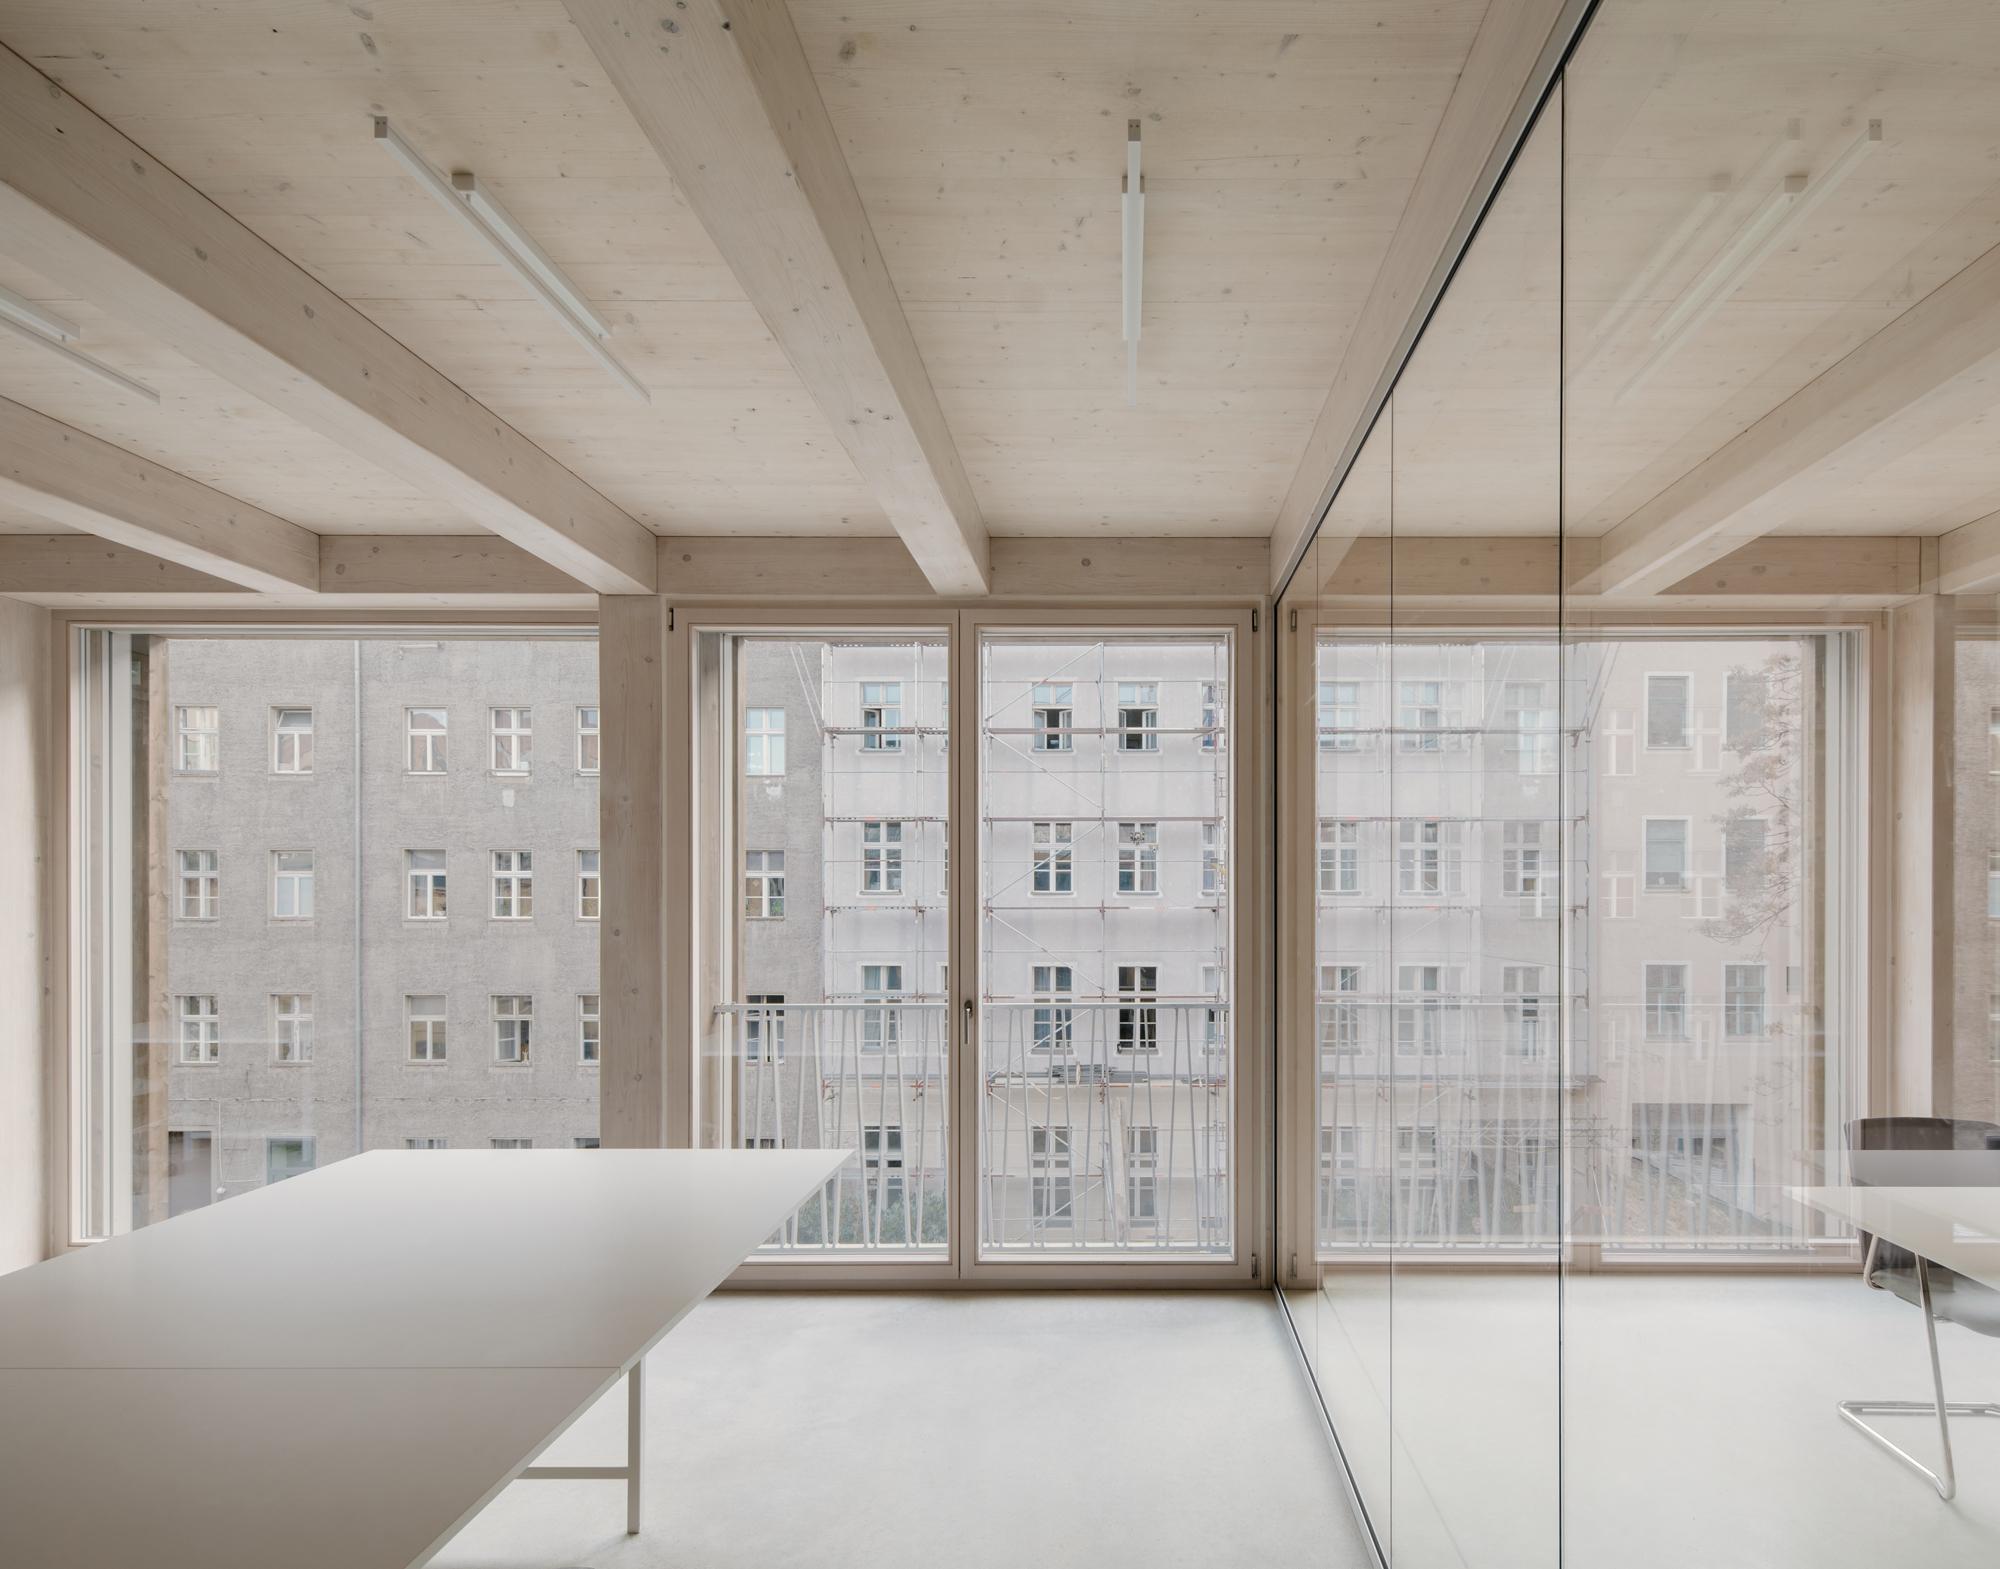 """""""Die Deckenkonstruktion bleibt im Innenraum sichtbar und trägt maßgeblich zur besonderen Atmosphäre der Räume bei"""", erklärt Architekt Jan Wiese."""